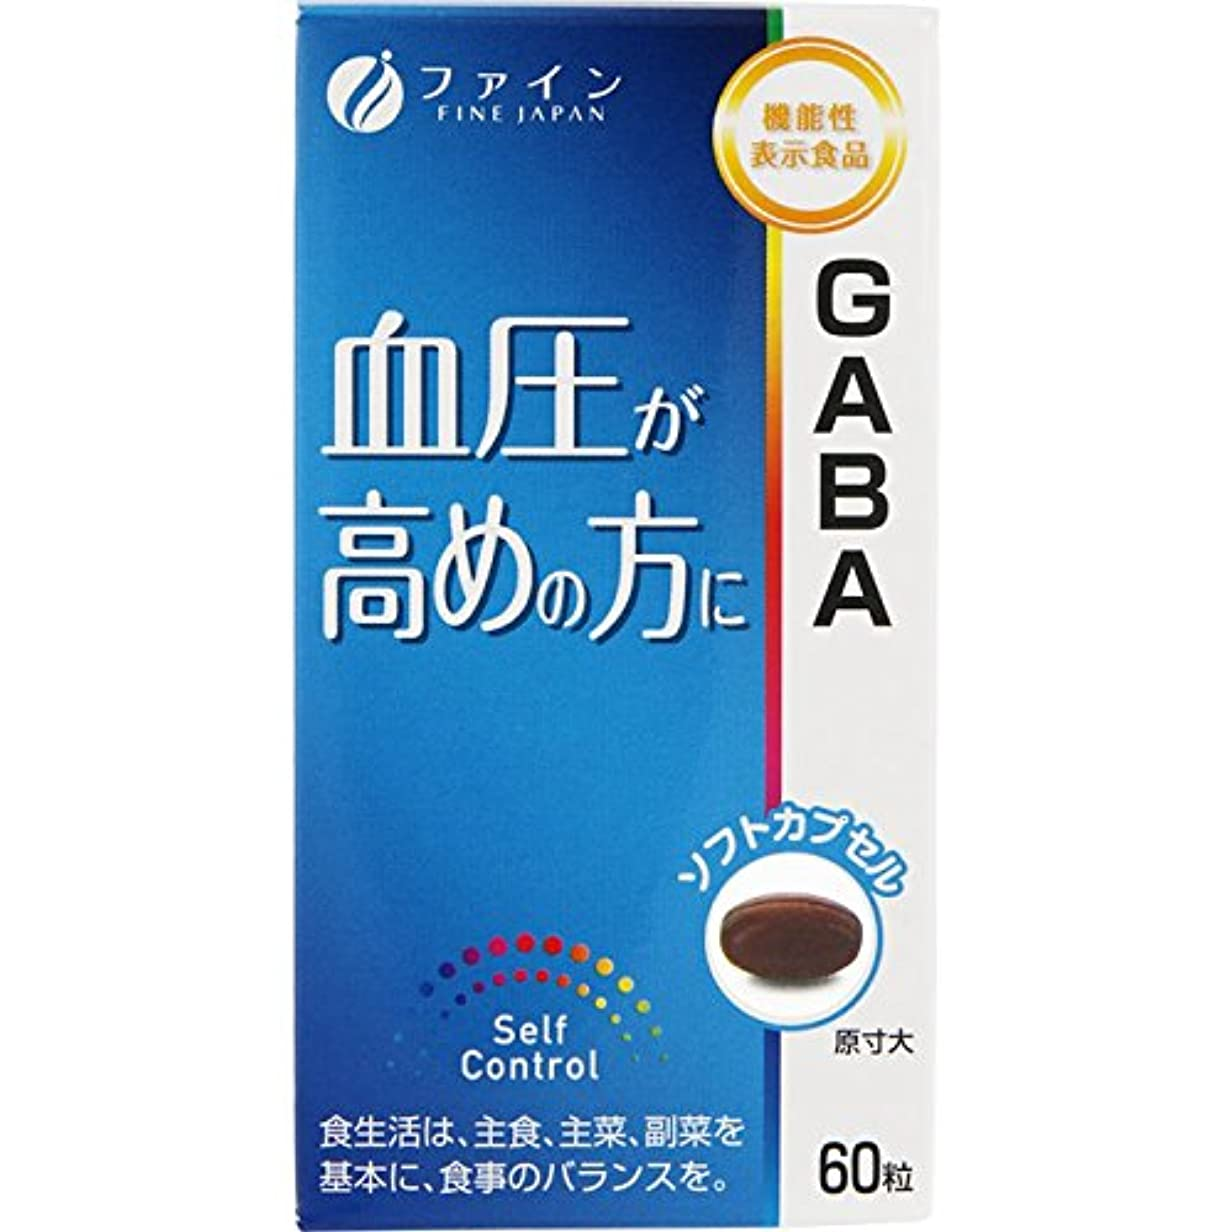 発行するハンバーガーヒゲファイン 機能性表示食品 GABA 30日分(60粒) EPA DHA 配合